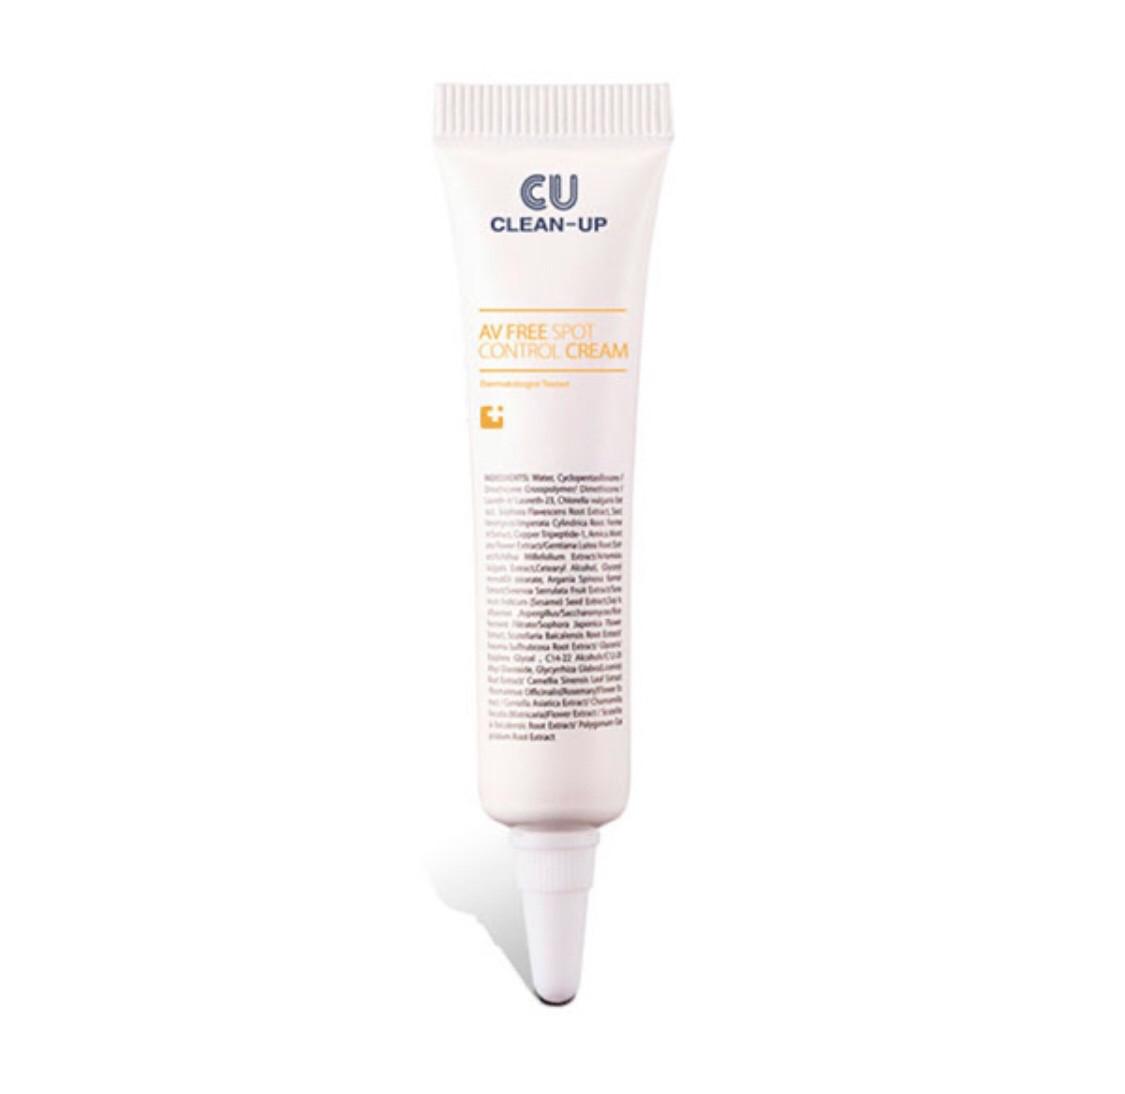 Точковий крем від запалень CUskin Clean-Up AV Free Spot Control Cream 10мл